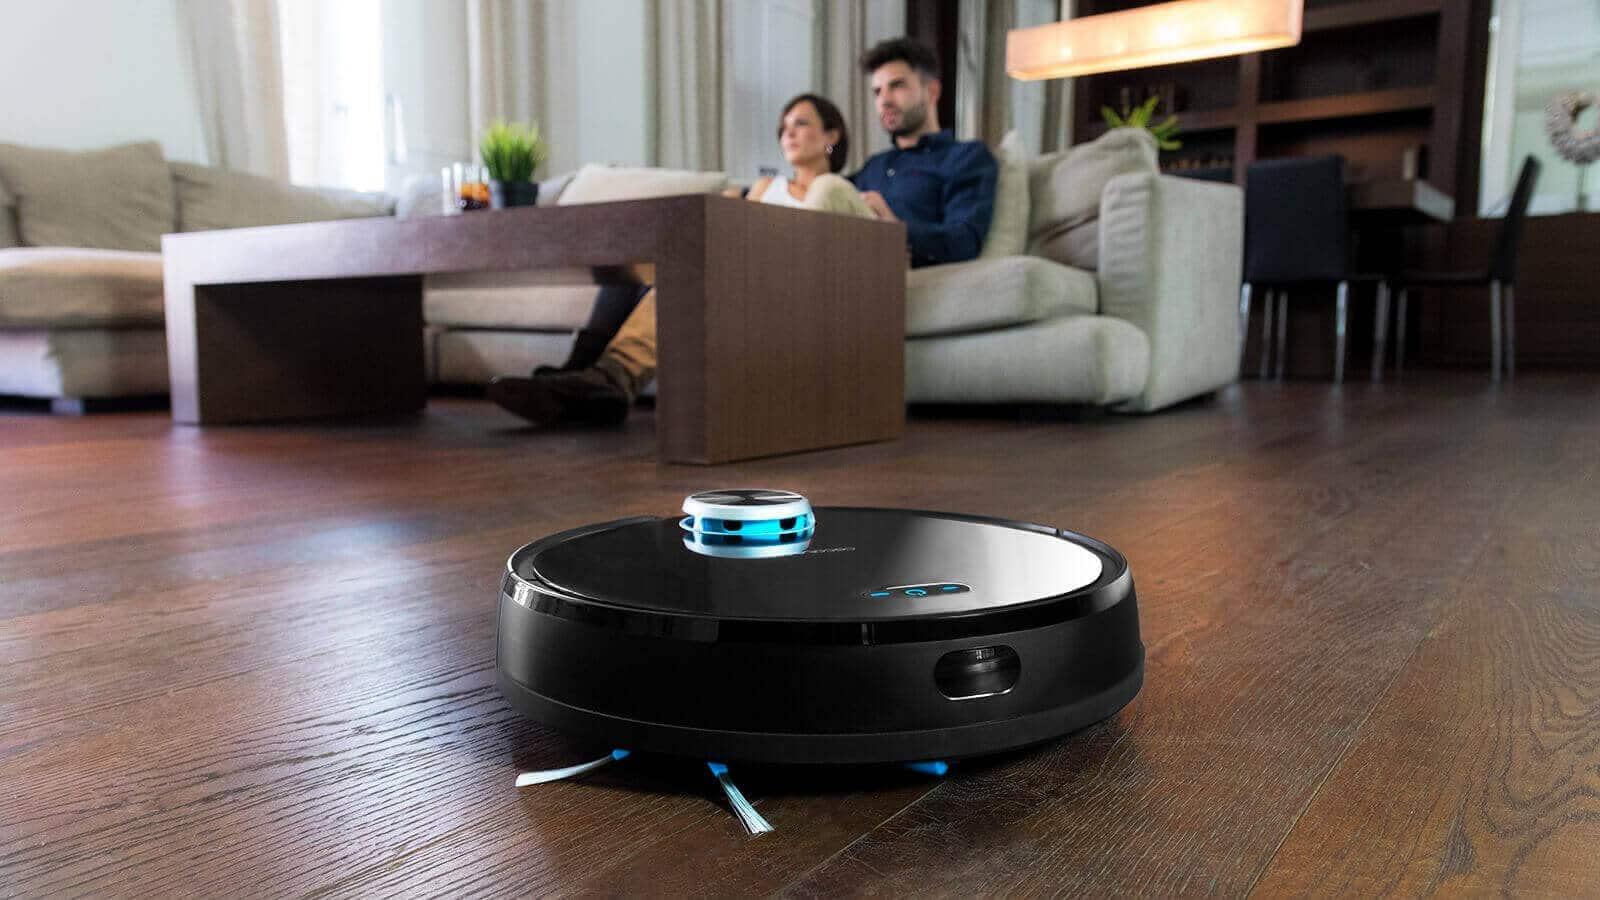 La Conga 3090, el robot de limpieza que revolucionará el mercado